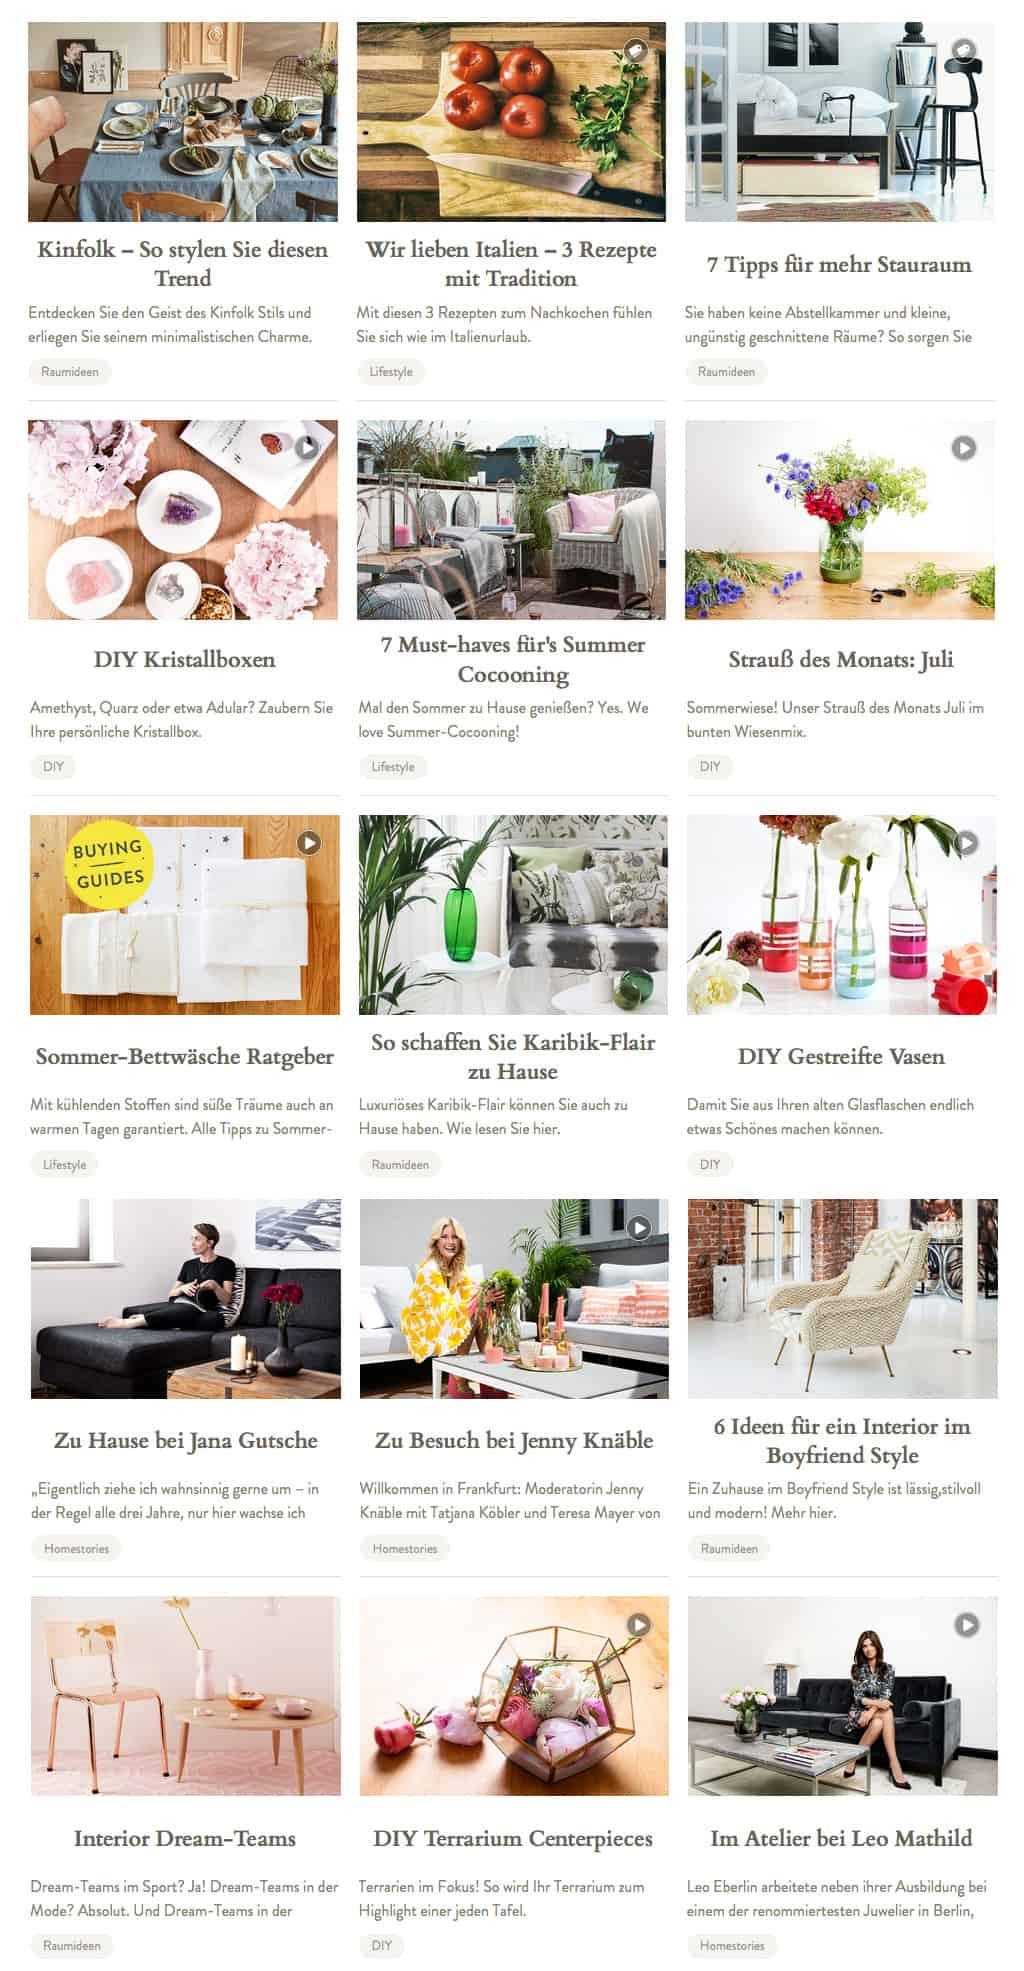 Das Magazin von Westwing hält neben Deko Ideen auch Rezepte und DIY-Anleitungen bereit